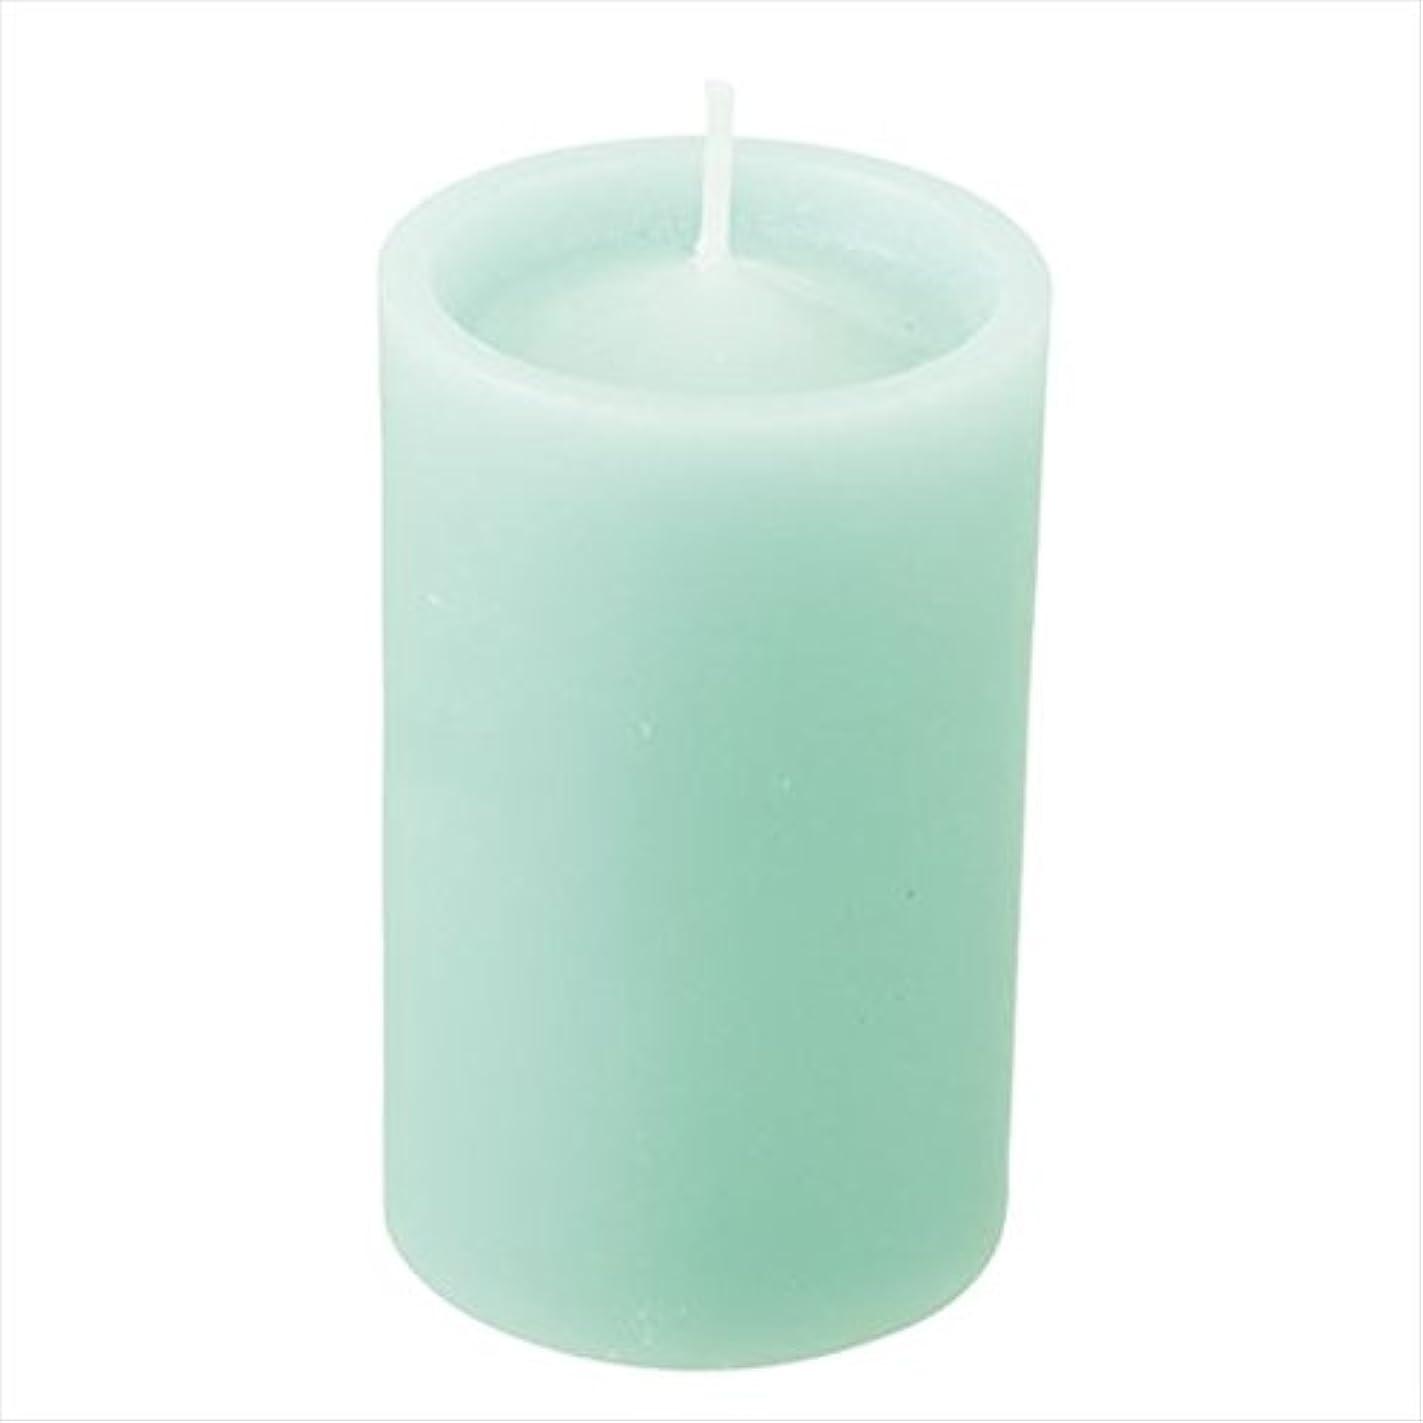 もろい修士号なぞらえるカメヤマキャンドル(kameyama candle) ロイヤルラウンド60 「 ライトグリーン 」